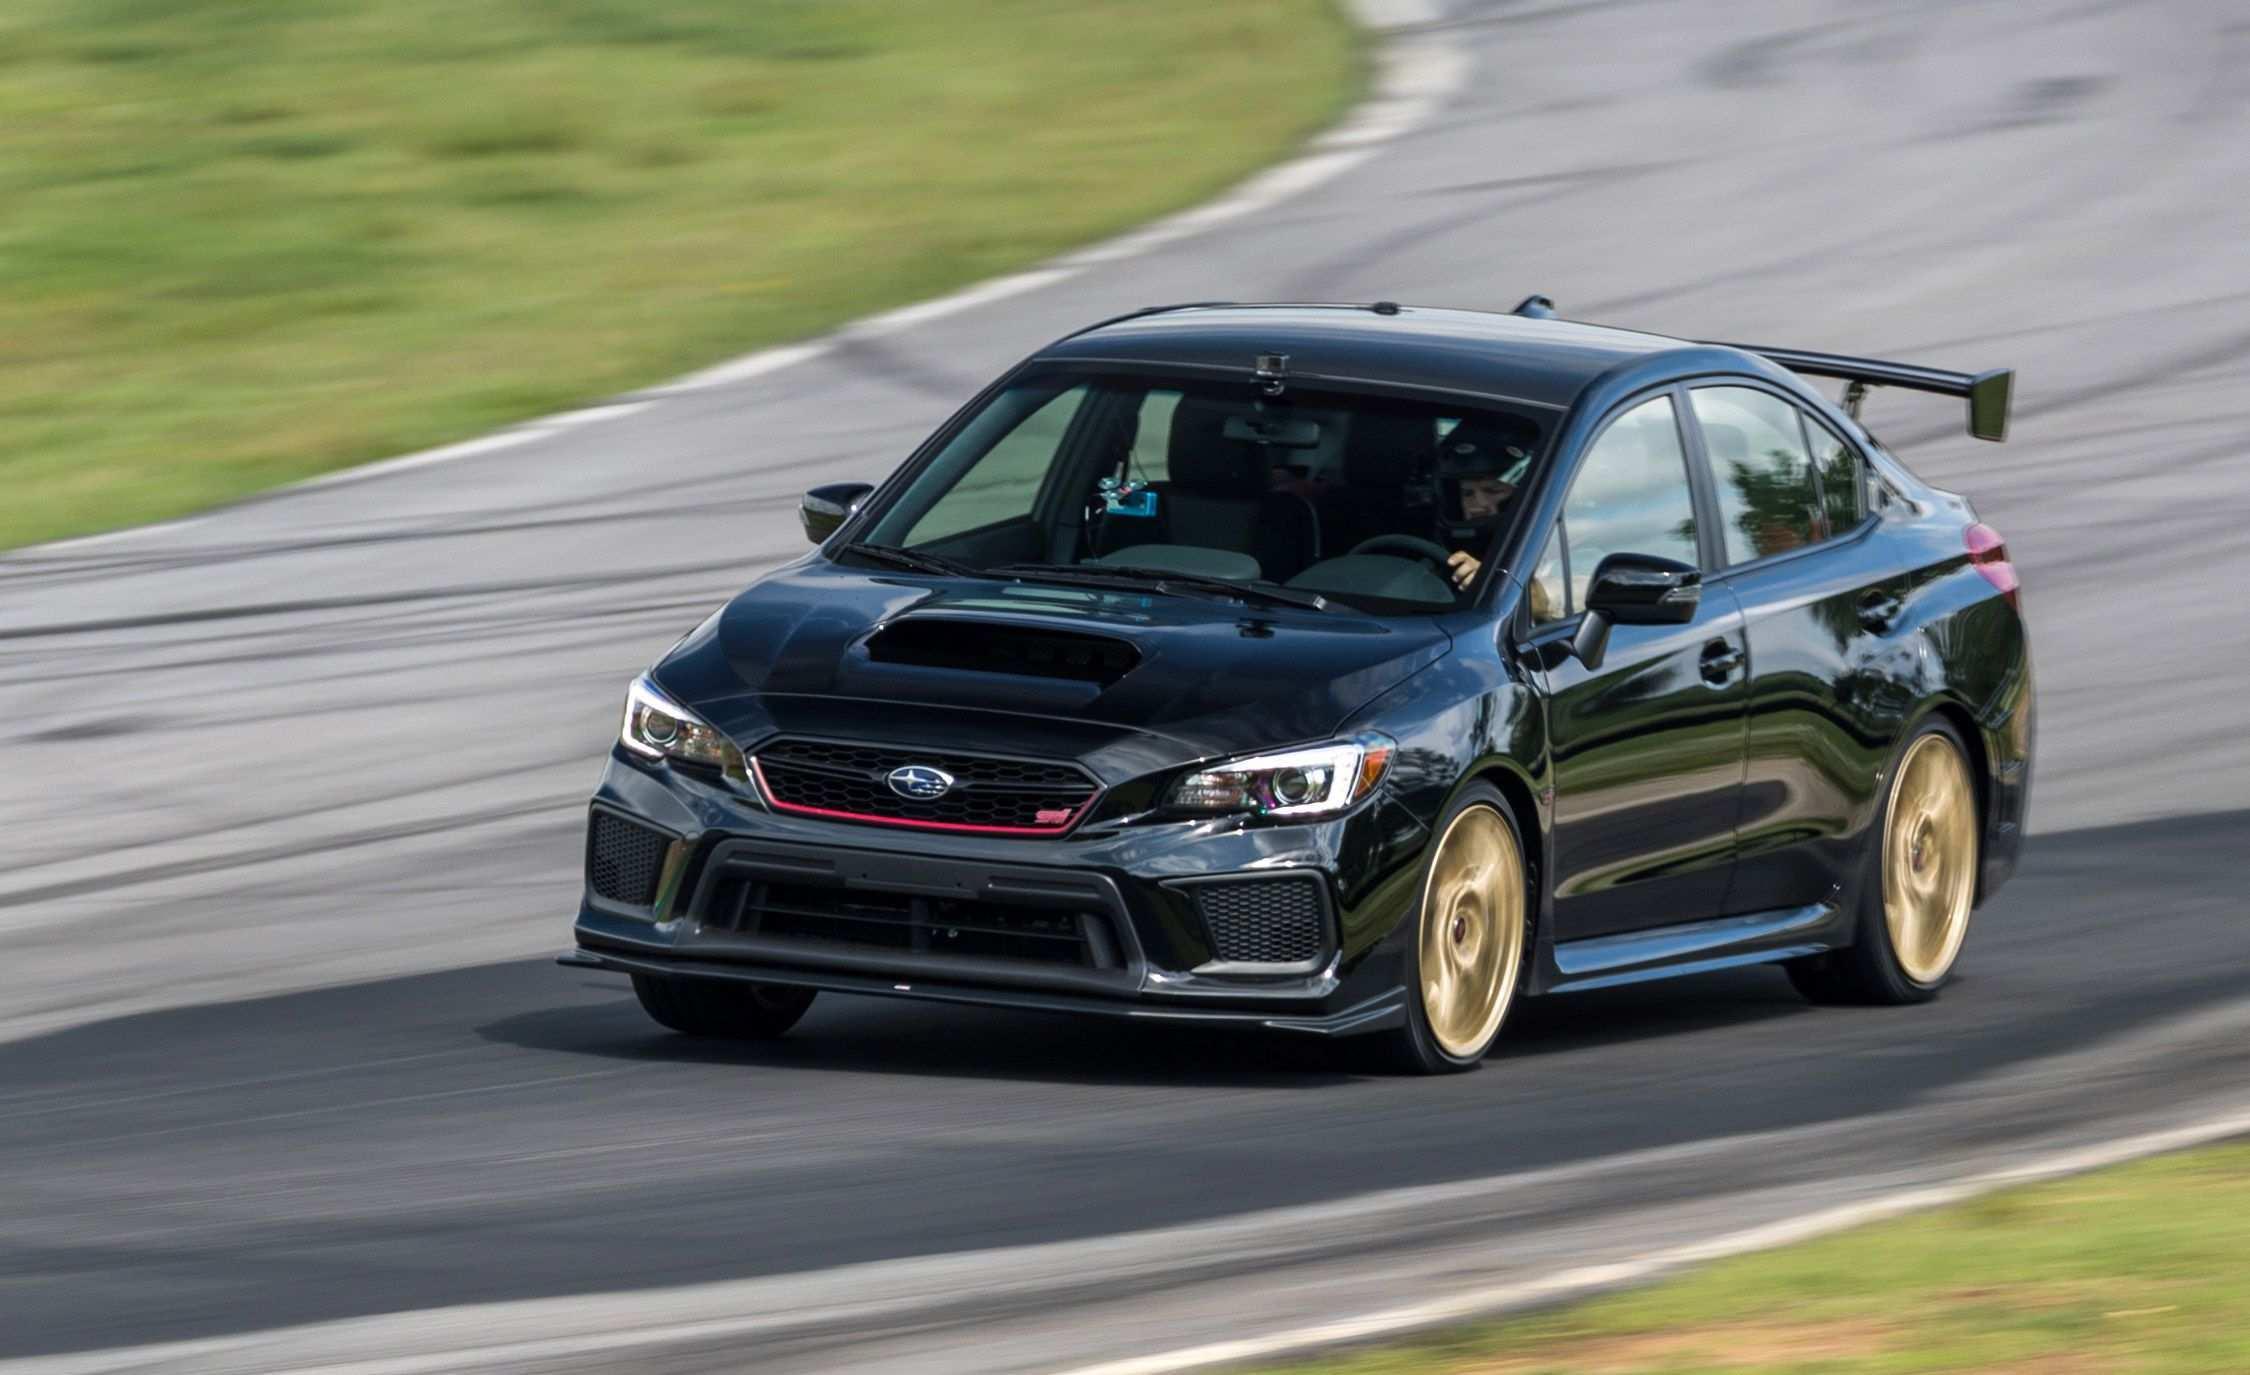 55 Gallery of 2019 Subaru Sti Review New Concept with 2019 Subaru Sti Review